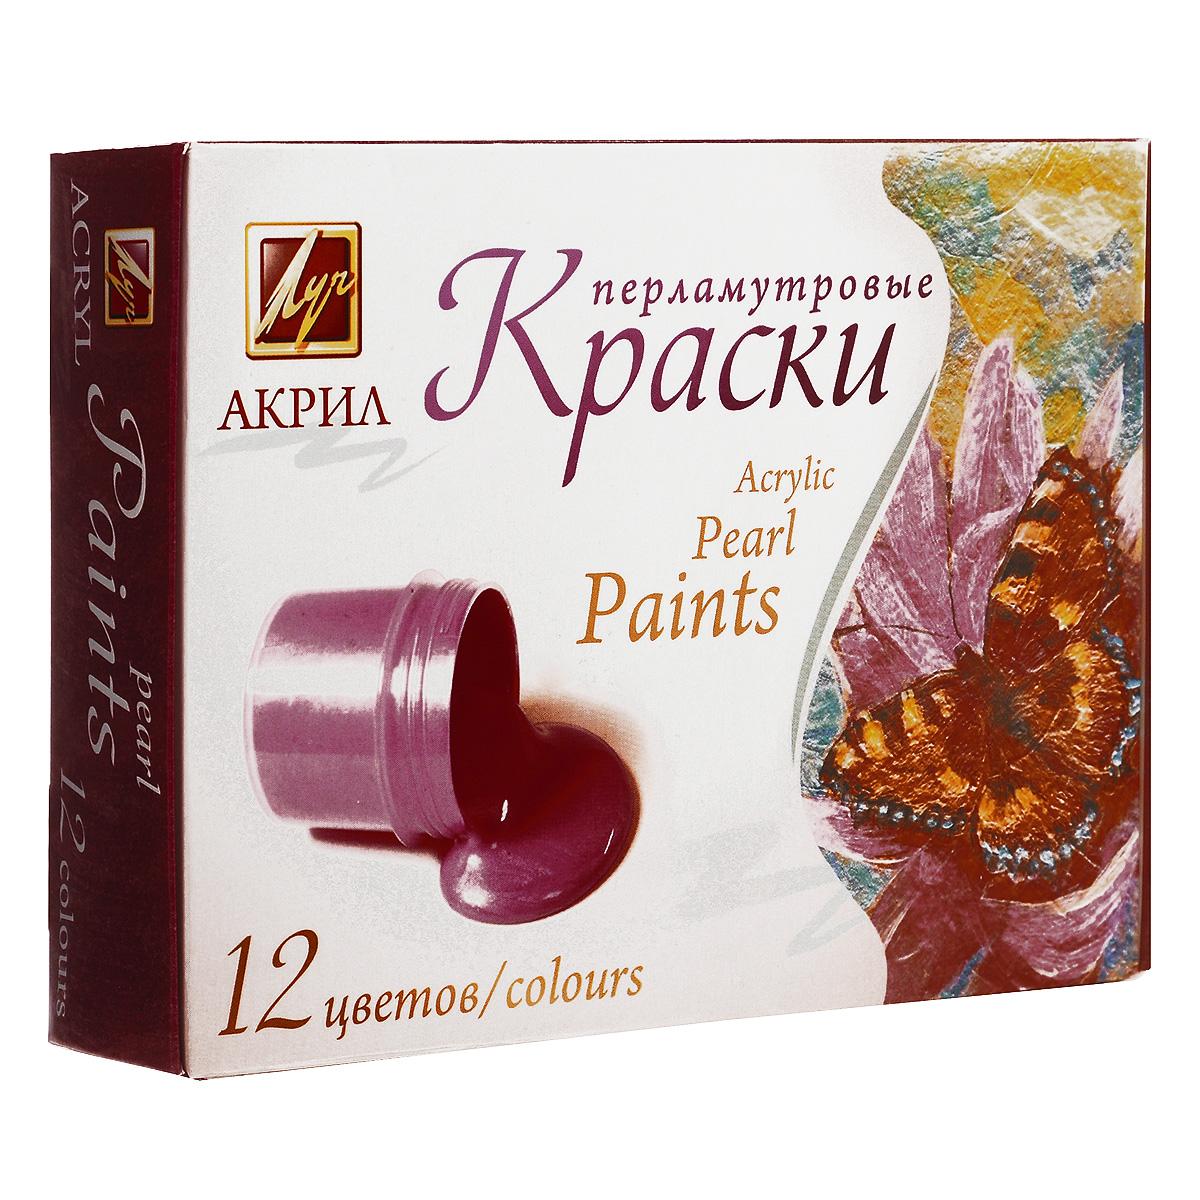 Краски акриловые Луч, перламутровые, 15 мл, 12 цветовFS-00103Акриловые краски Луч - универсальный материал для творчества. Акриловые краски, как и акварельные, легко разбавляются водой, но после высыхания их уже нельзя размочить, и в этом акрилы сходны с темперой. В комплекте - 12 баночек с перламутровой краской разных ярких цветов. Будучи прозрачными, акриловые краски хорошо сочетаются с акварелью и накладываются поверх акварельных мазков, усиливая их насыщенность, сообщая им глубину тона. Акриловые краски обладают значительно большей яркостью и высокой светостойкостью, но темнеют, подобно темпере, после высыхания. Новые лессировки также не нарушают нижние слои краски. В этом состоит бесспорное преимущество акриловых красителей. Акриловые краски применяются в дизайн-графике, рекламе, оформительском искусстве. Их можно наносить аэрографом, использовать резервирование специальными составами, сочетая с техникой работы по сырому, подобно акварельной. Акриловые краски обладают следующими свойствами: - быстросохнущие; - обладают отличной адгезией (сцепляемость с поверхностью); - превосходная кроющая способность; - равномерно наносятся; - хорошая светостойкость; - прекрасно смешиваются между собой; - после высыхания образуют несмываемую пленку; - красочный слой эластичен, прочен и долговечен.Объем баночки: 15 мл.